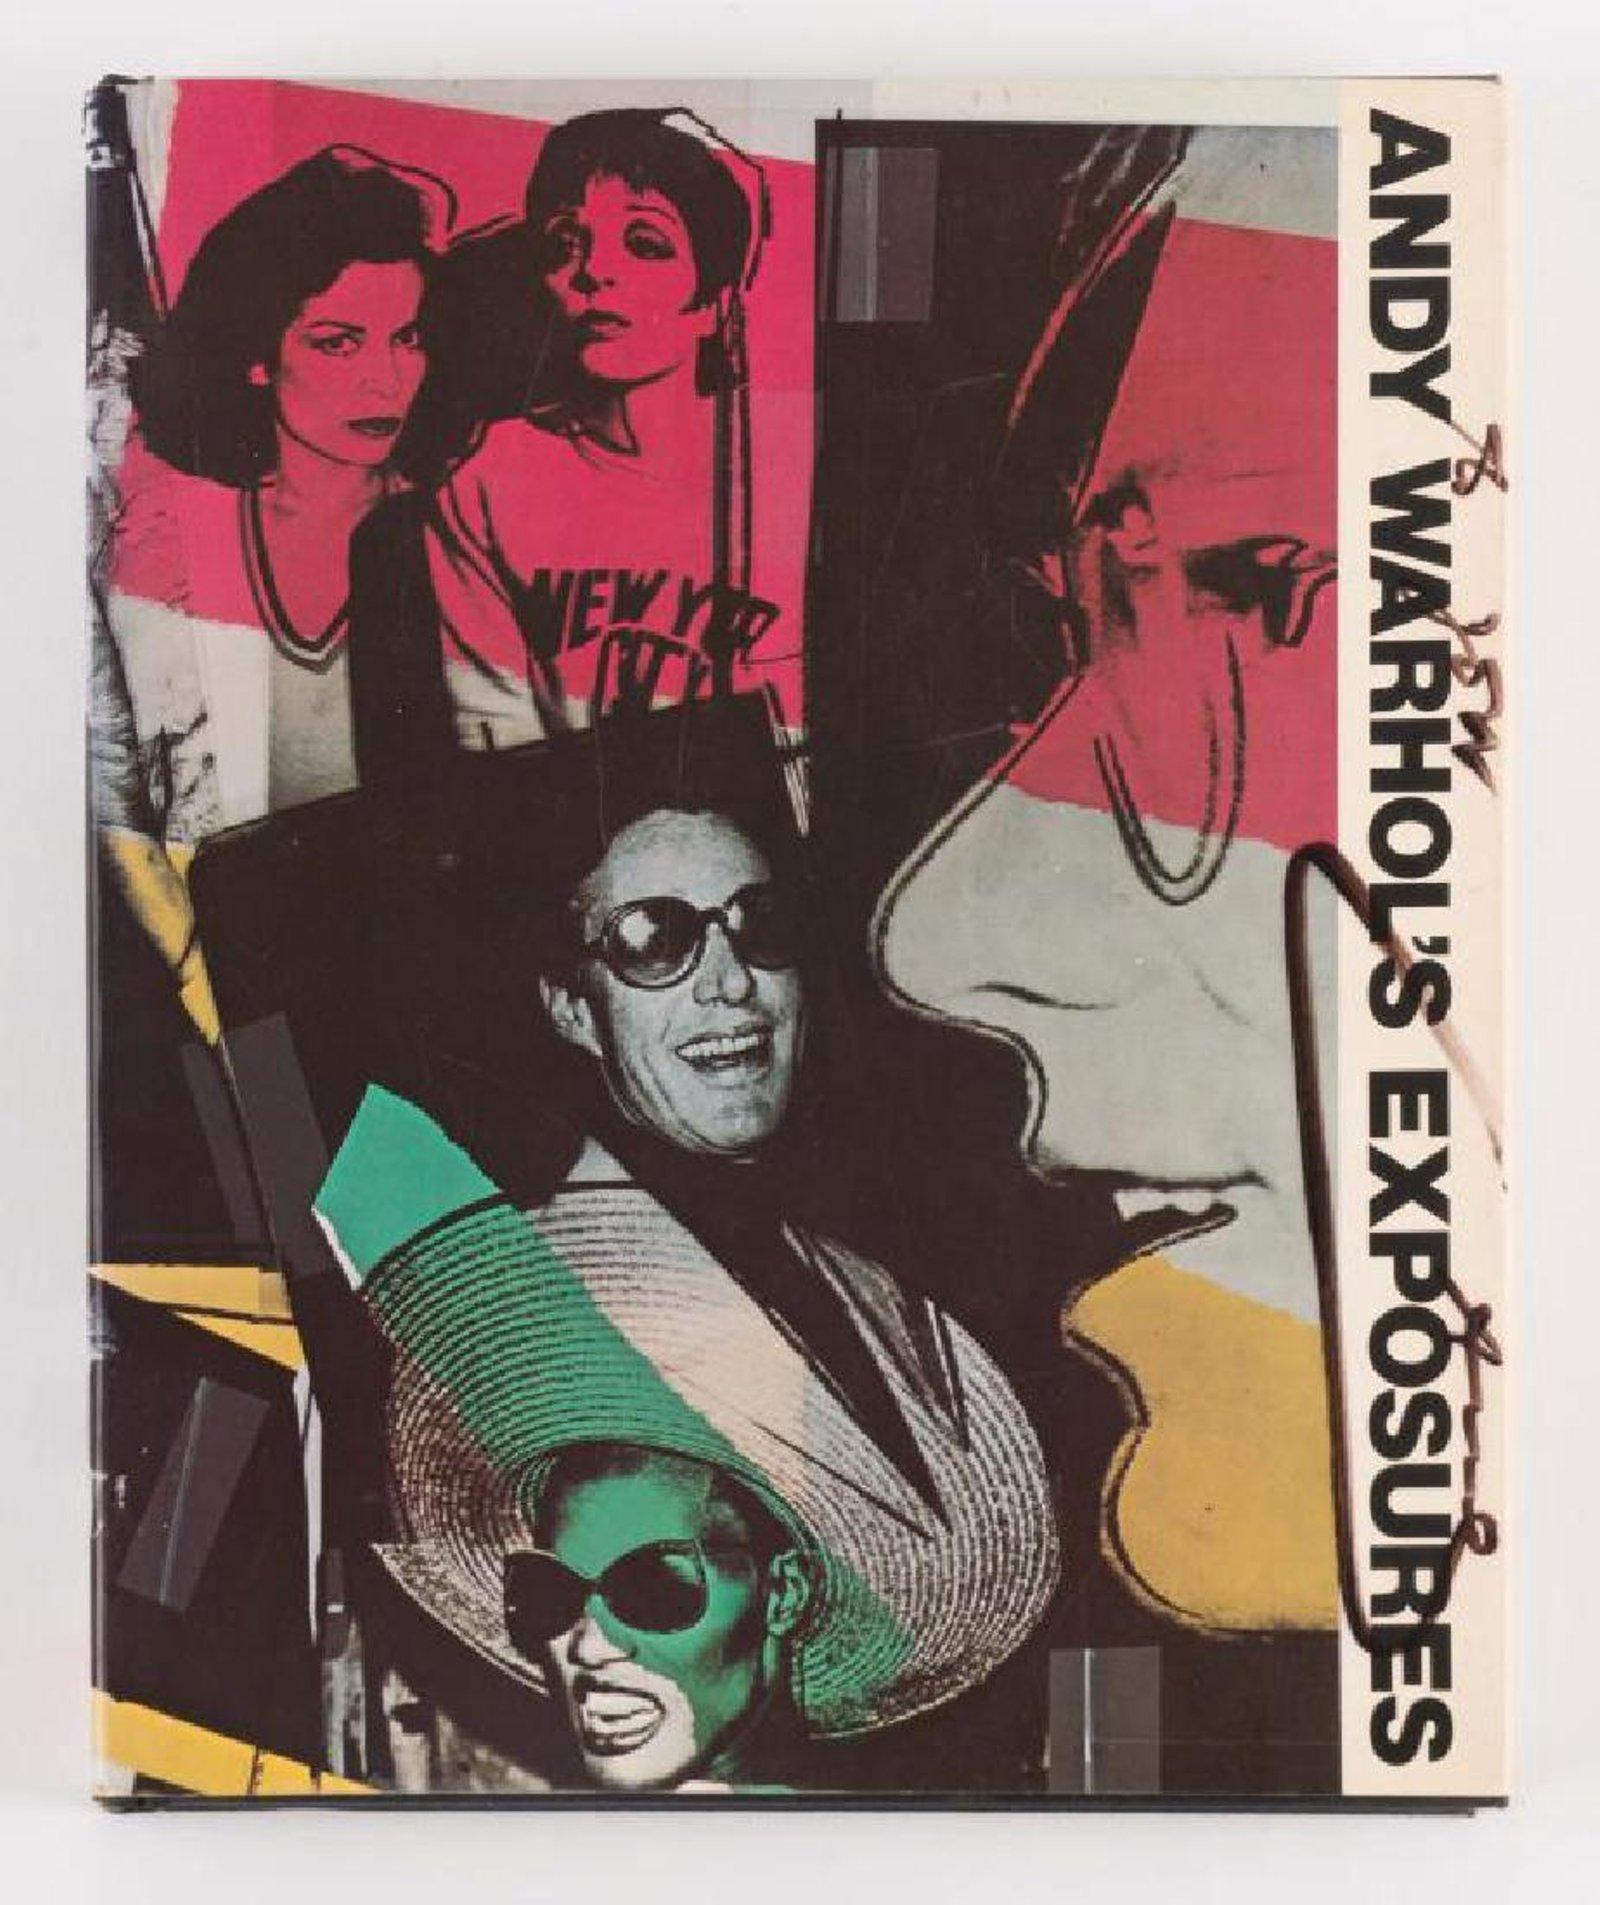 Copie du livre Exposures d'Andy Warhol, signé deux fois par l'artiste Estimation: 150-300 $